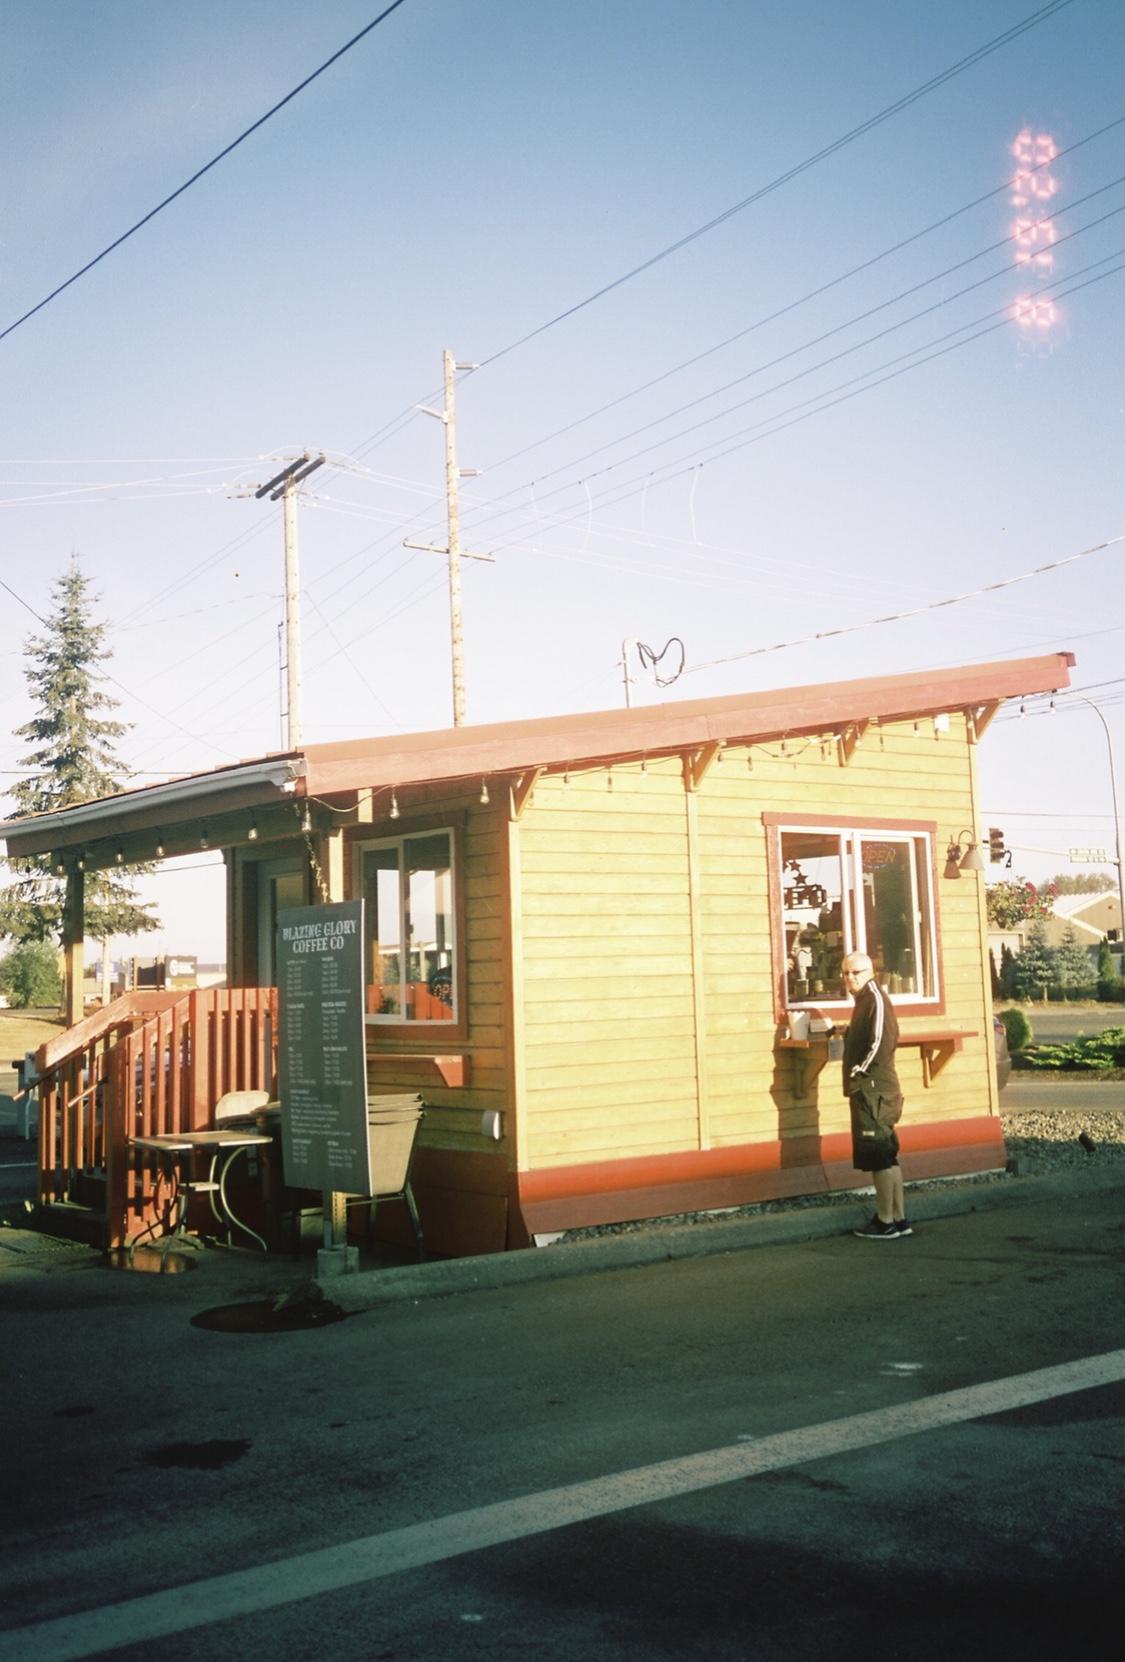 Paul Coffee Stand